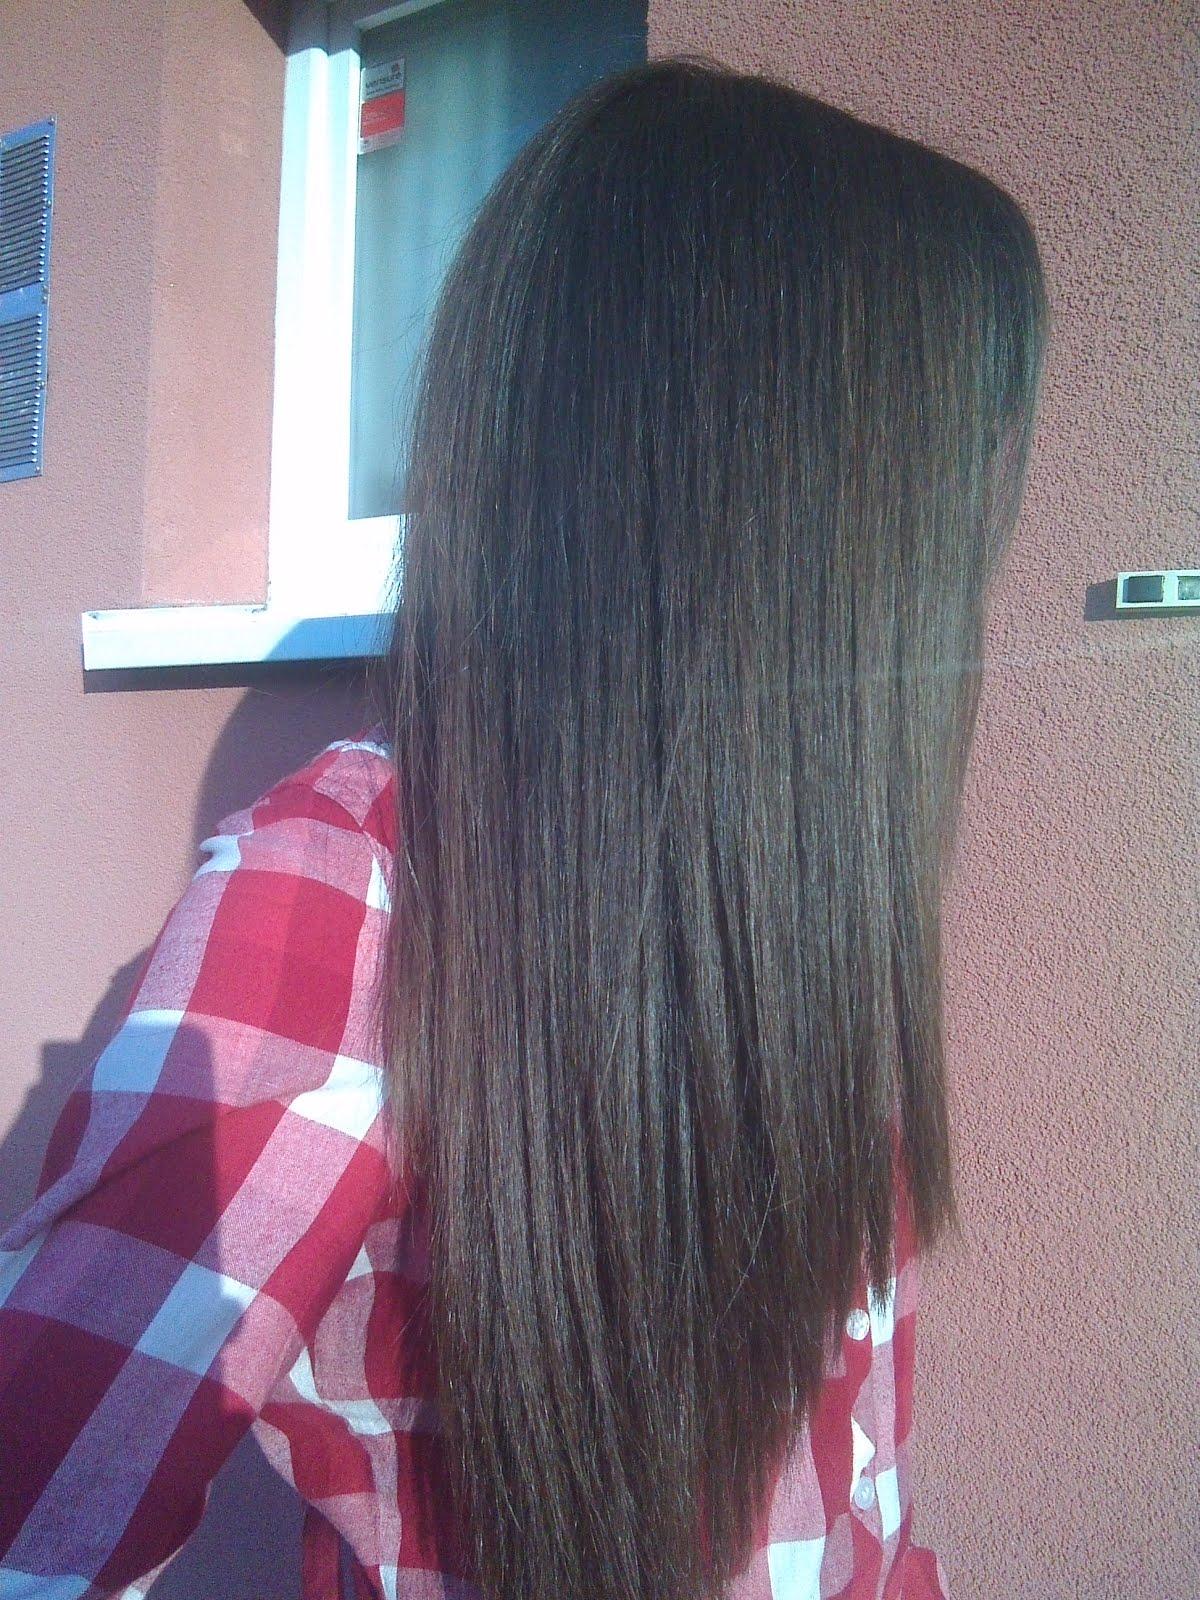 Les cheveux tombent en tout cas